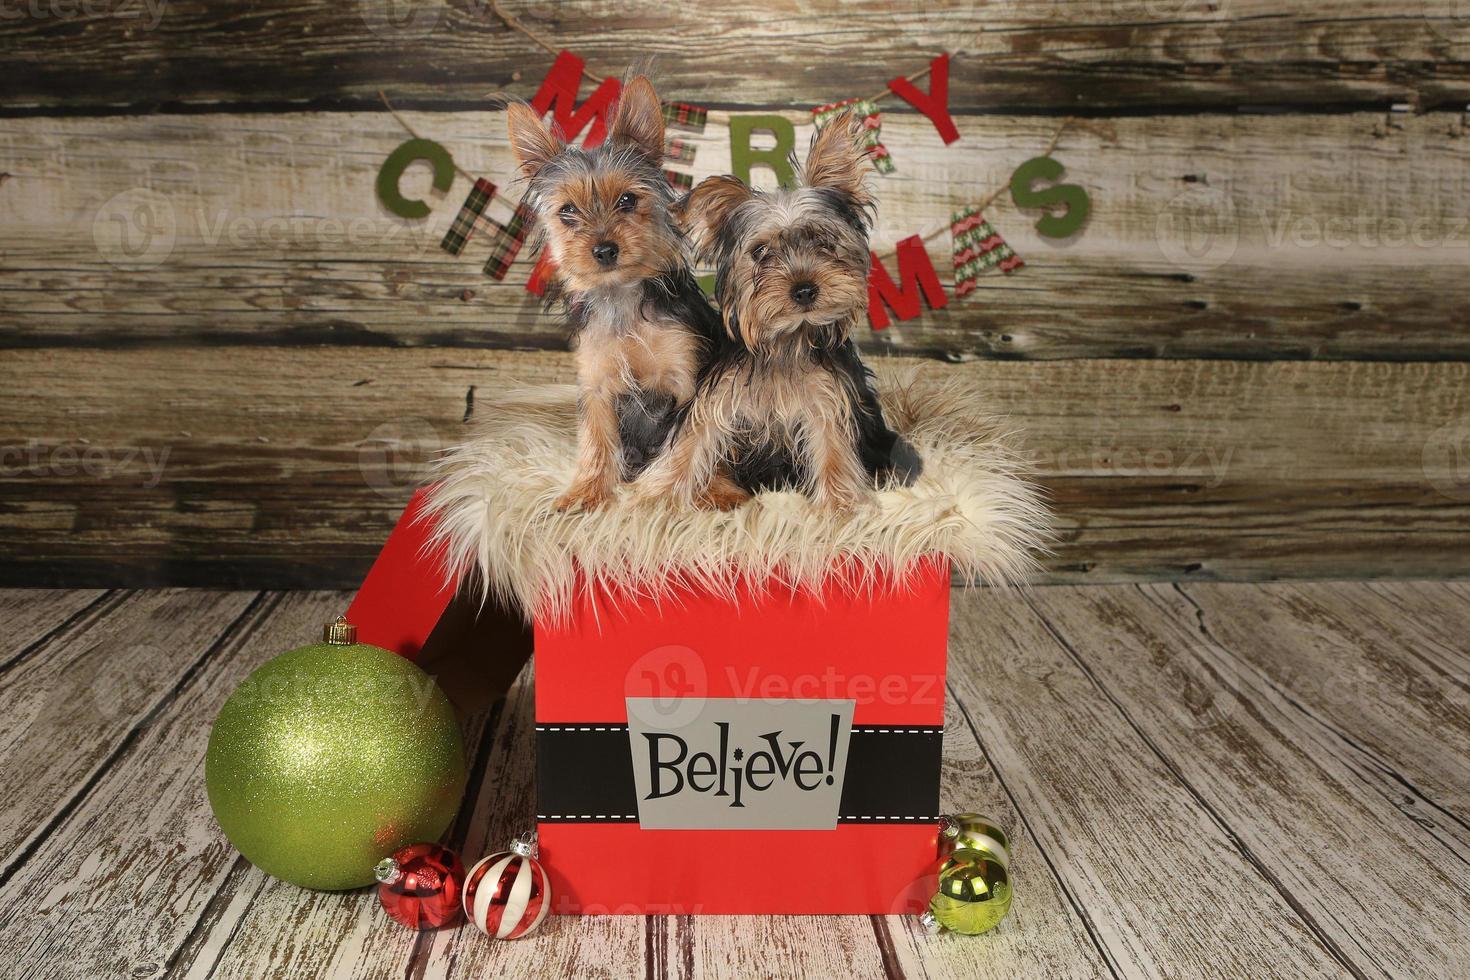 cachorros sobre un fondo temático navideño foto